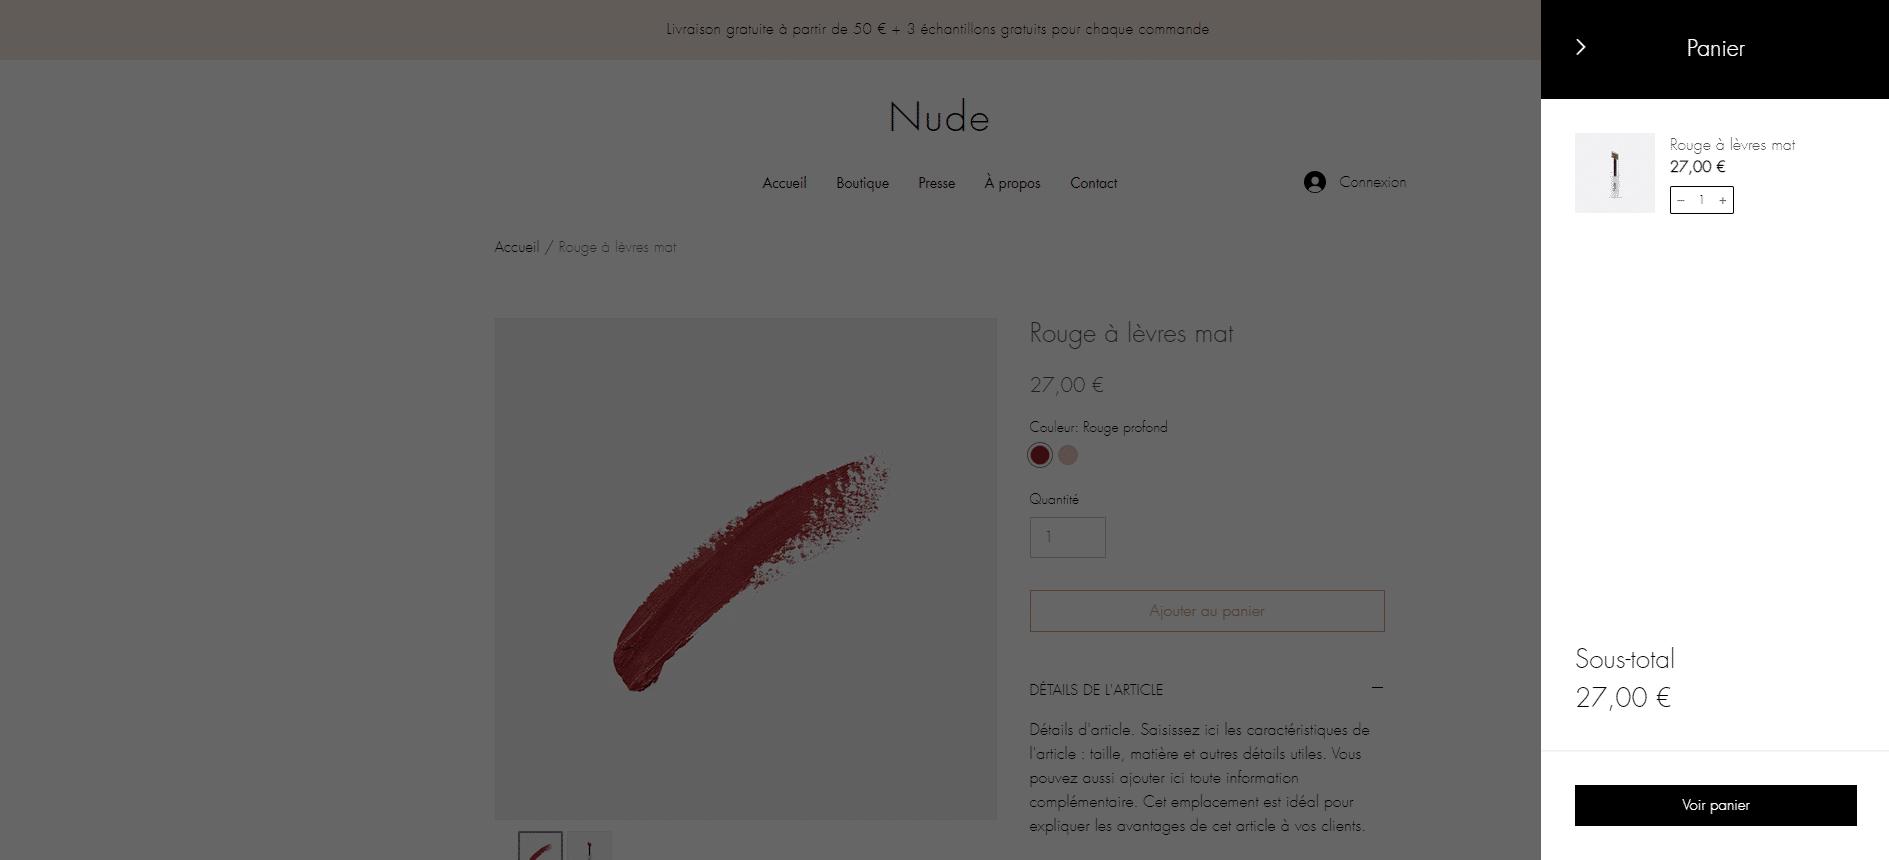 Boutique de maquillage - ajout dans le panier